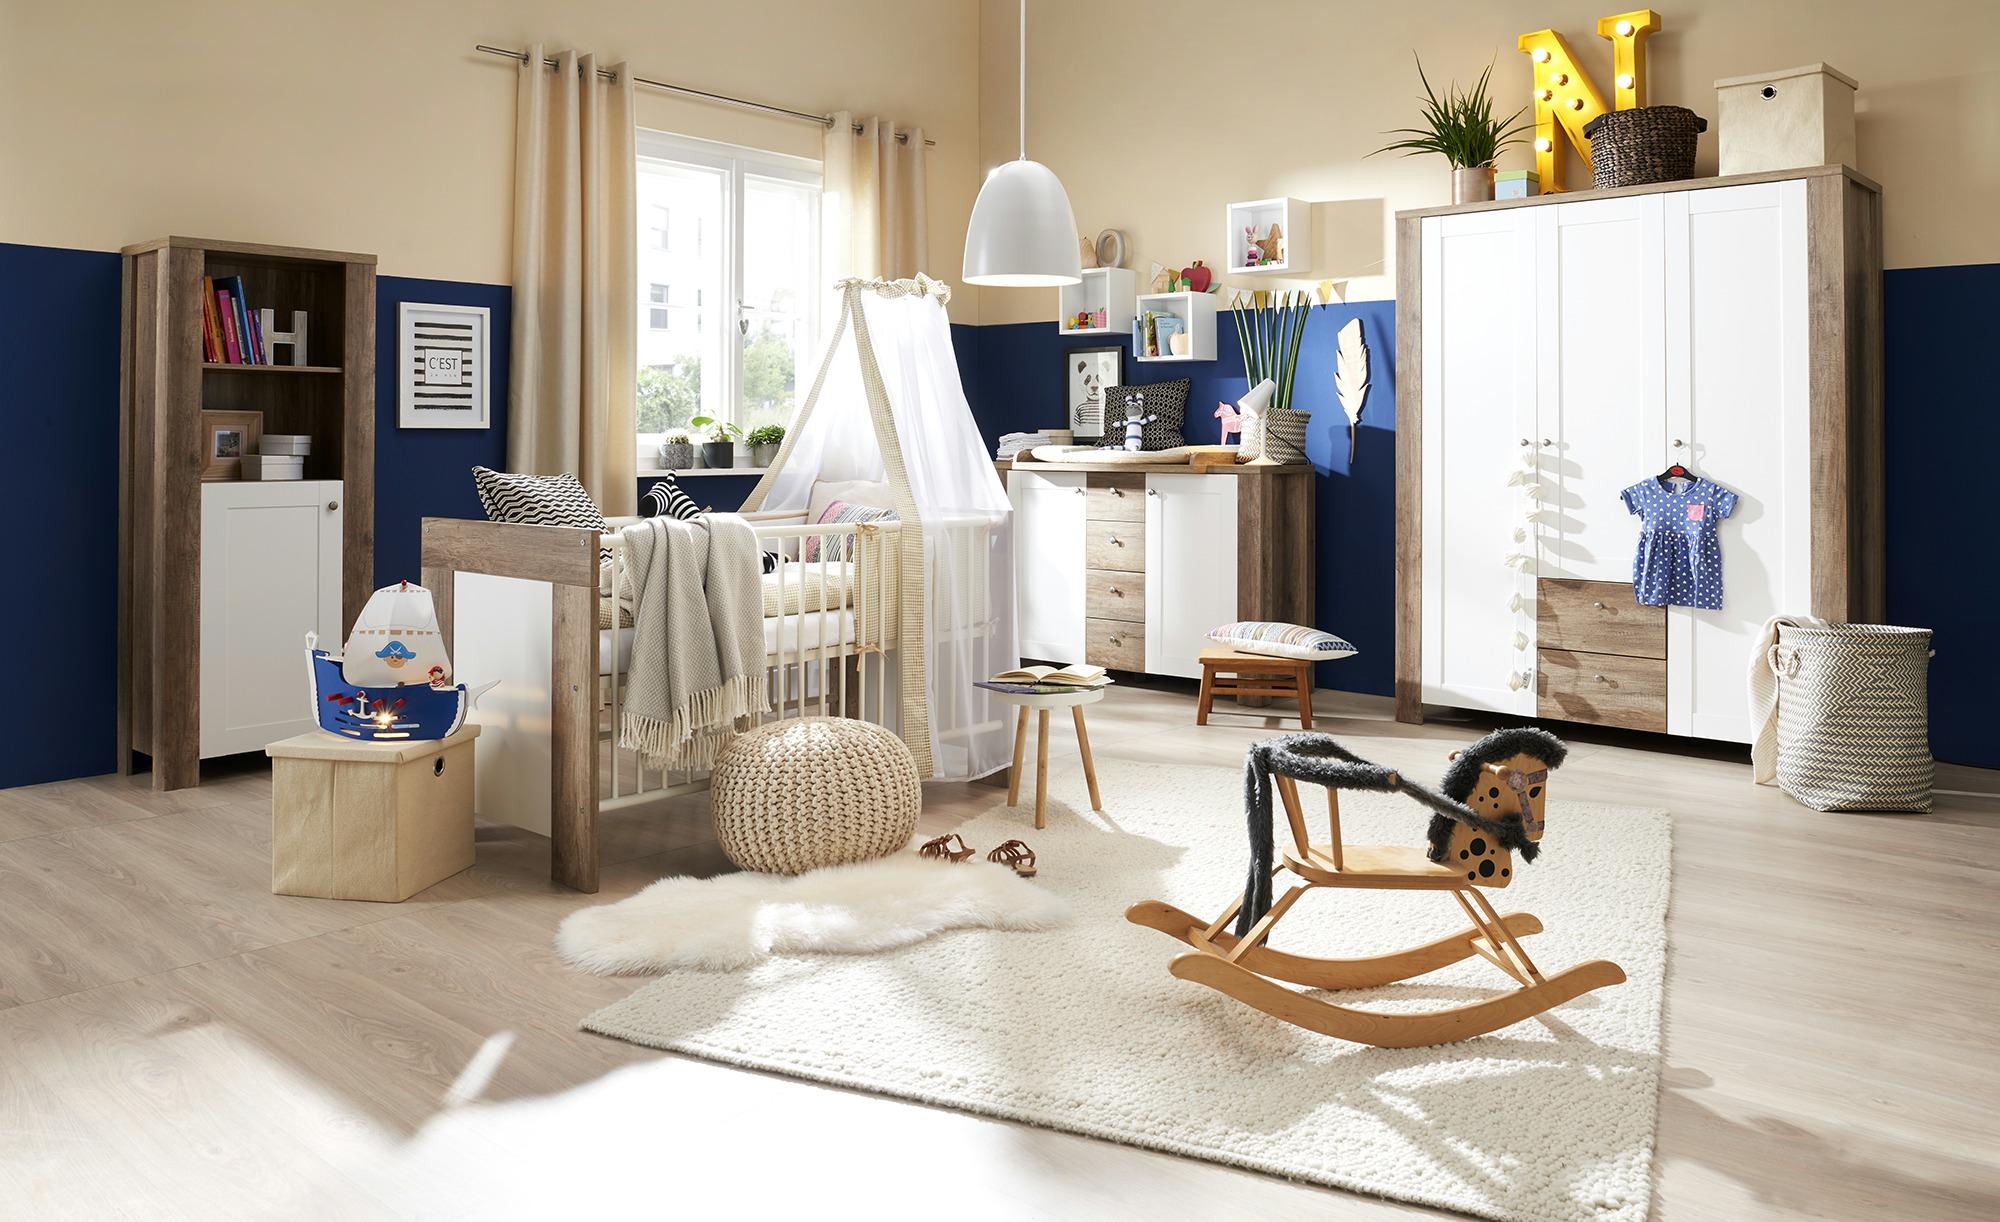 Babyzimmer komplett einrichten mit dem Möbelset